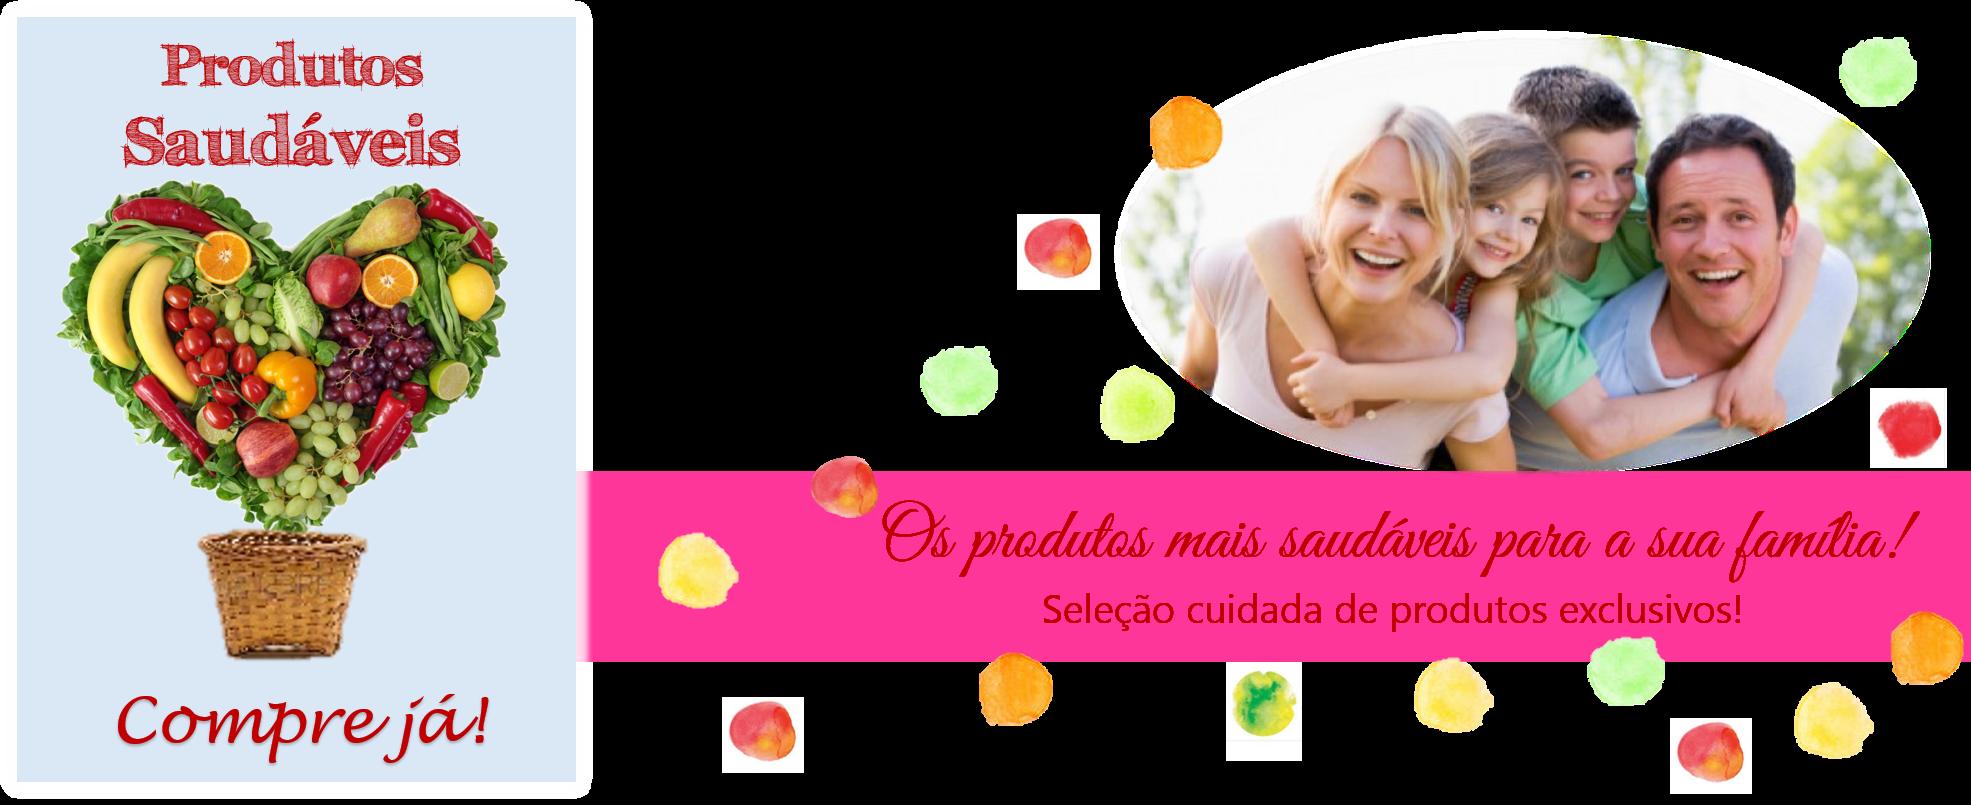 slide 1_PT